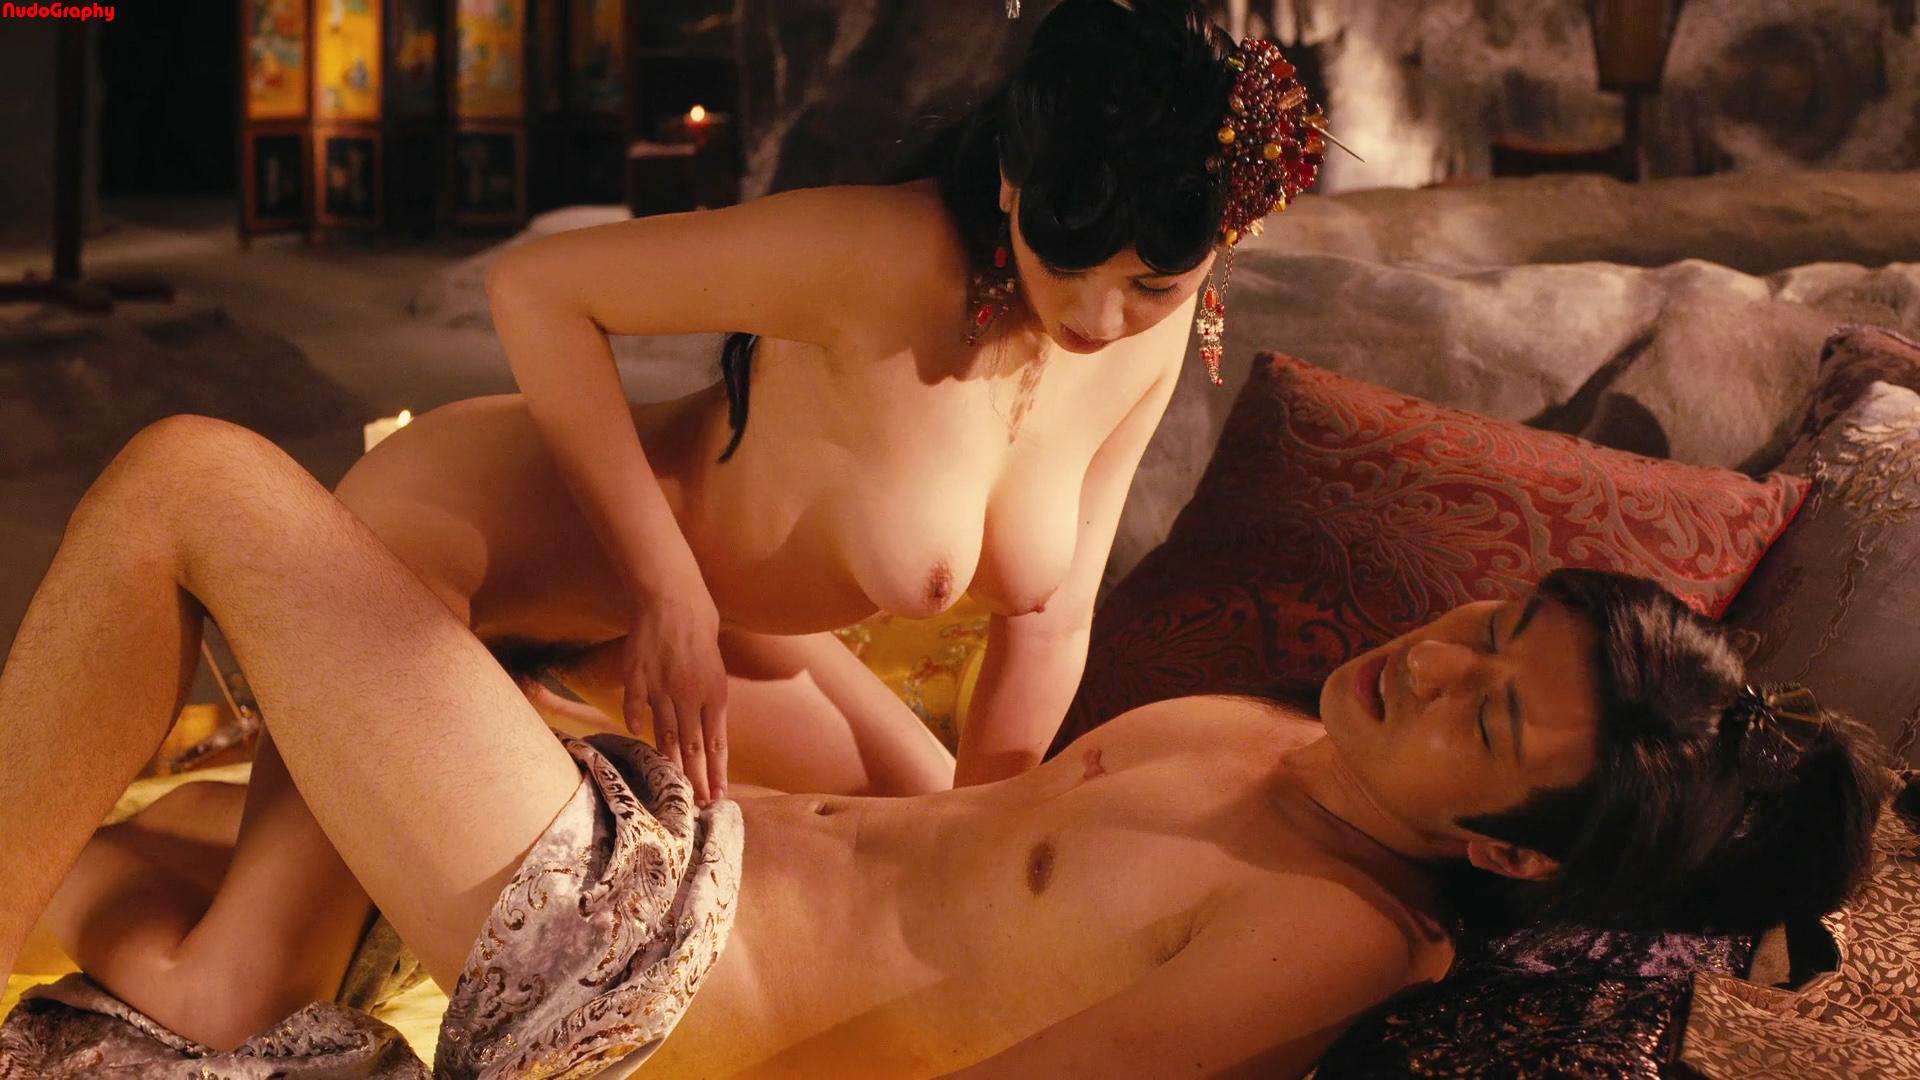 krasivie-eroticheskie-foto-posmotret-onlayn